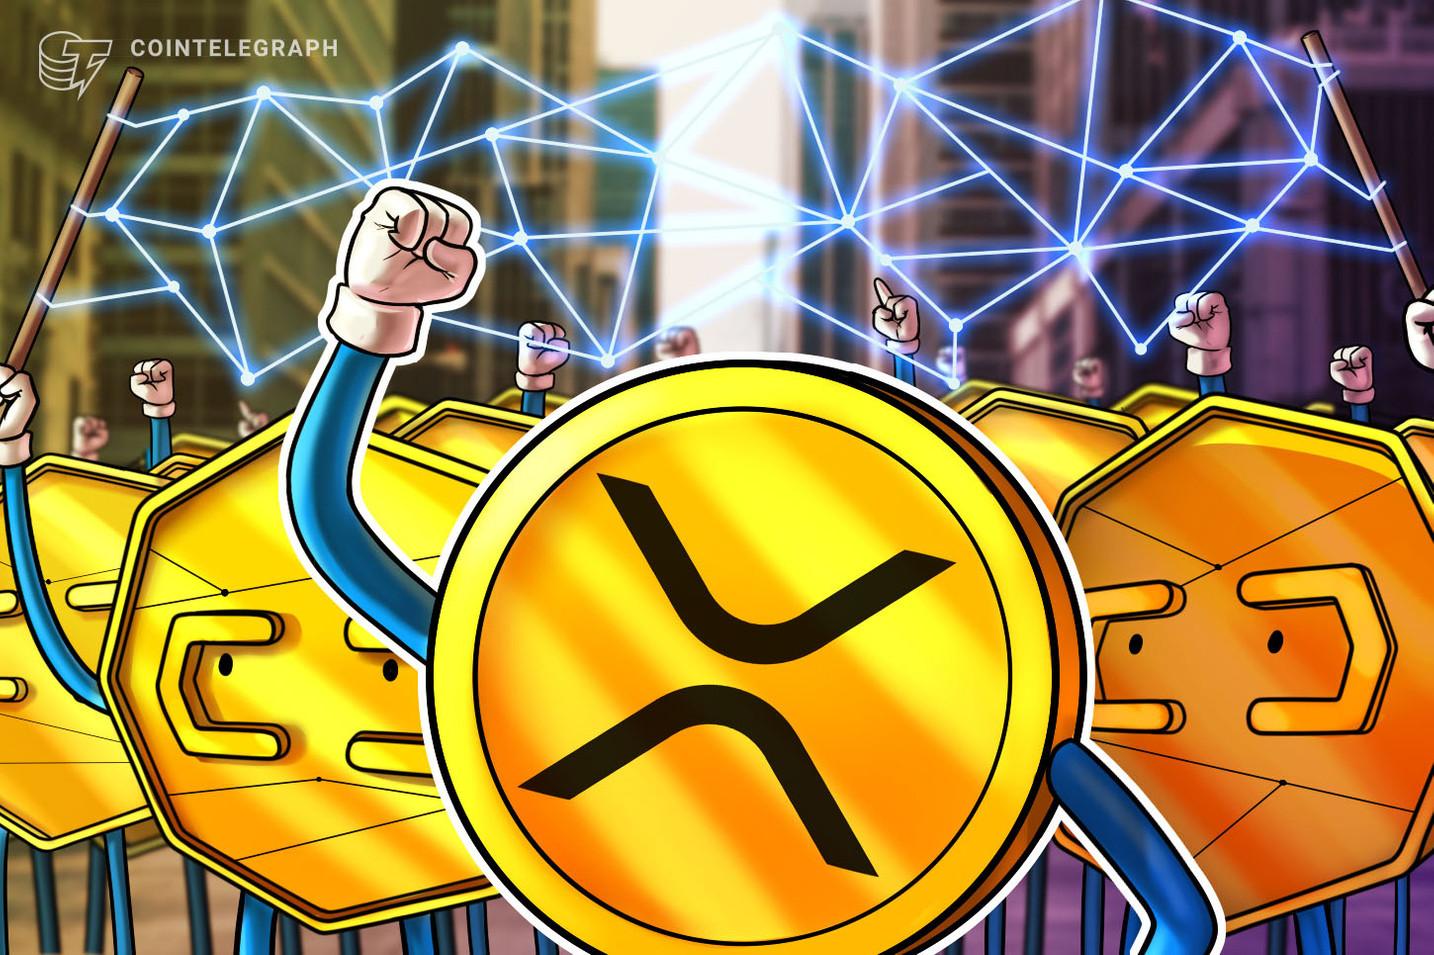 「XRPアーミー縮小」仮想通貨XRPコミュニティーの勢いに衰え=レポート